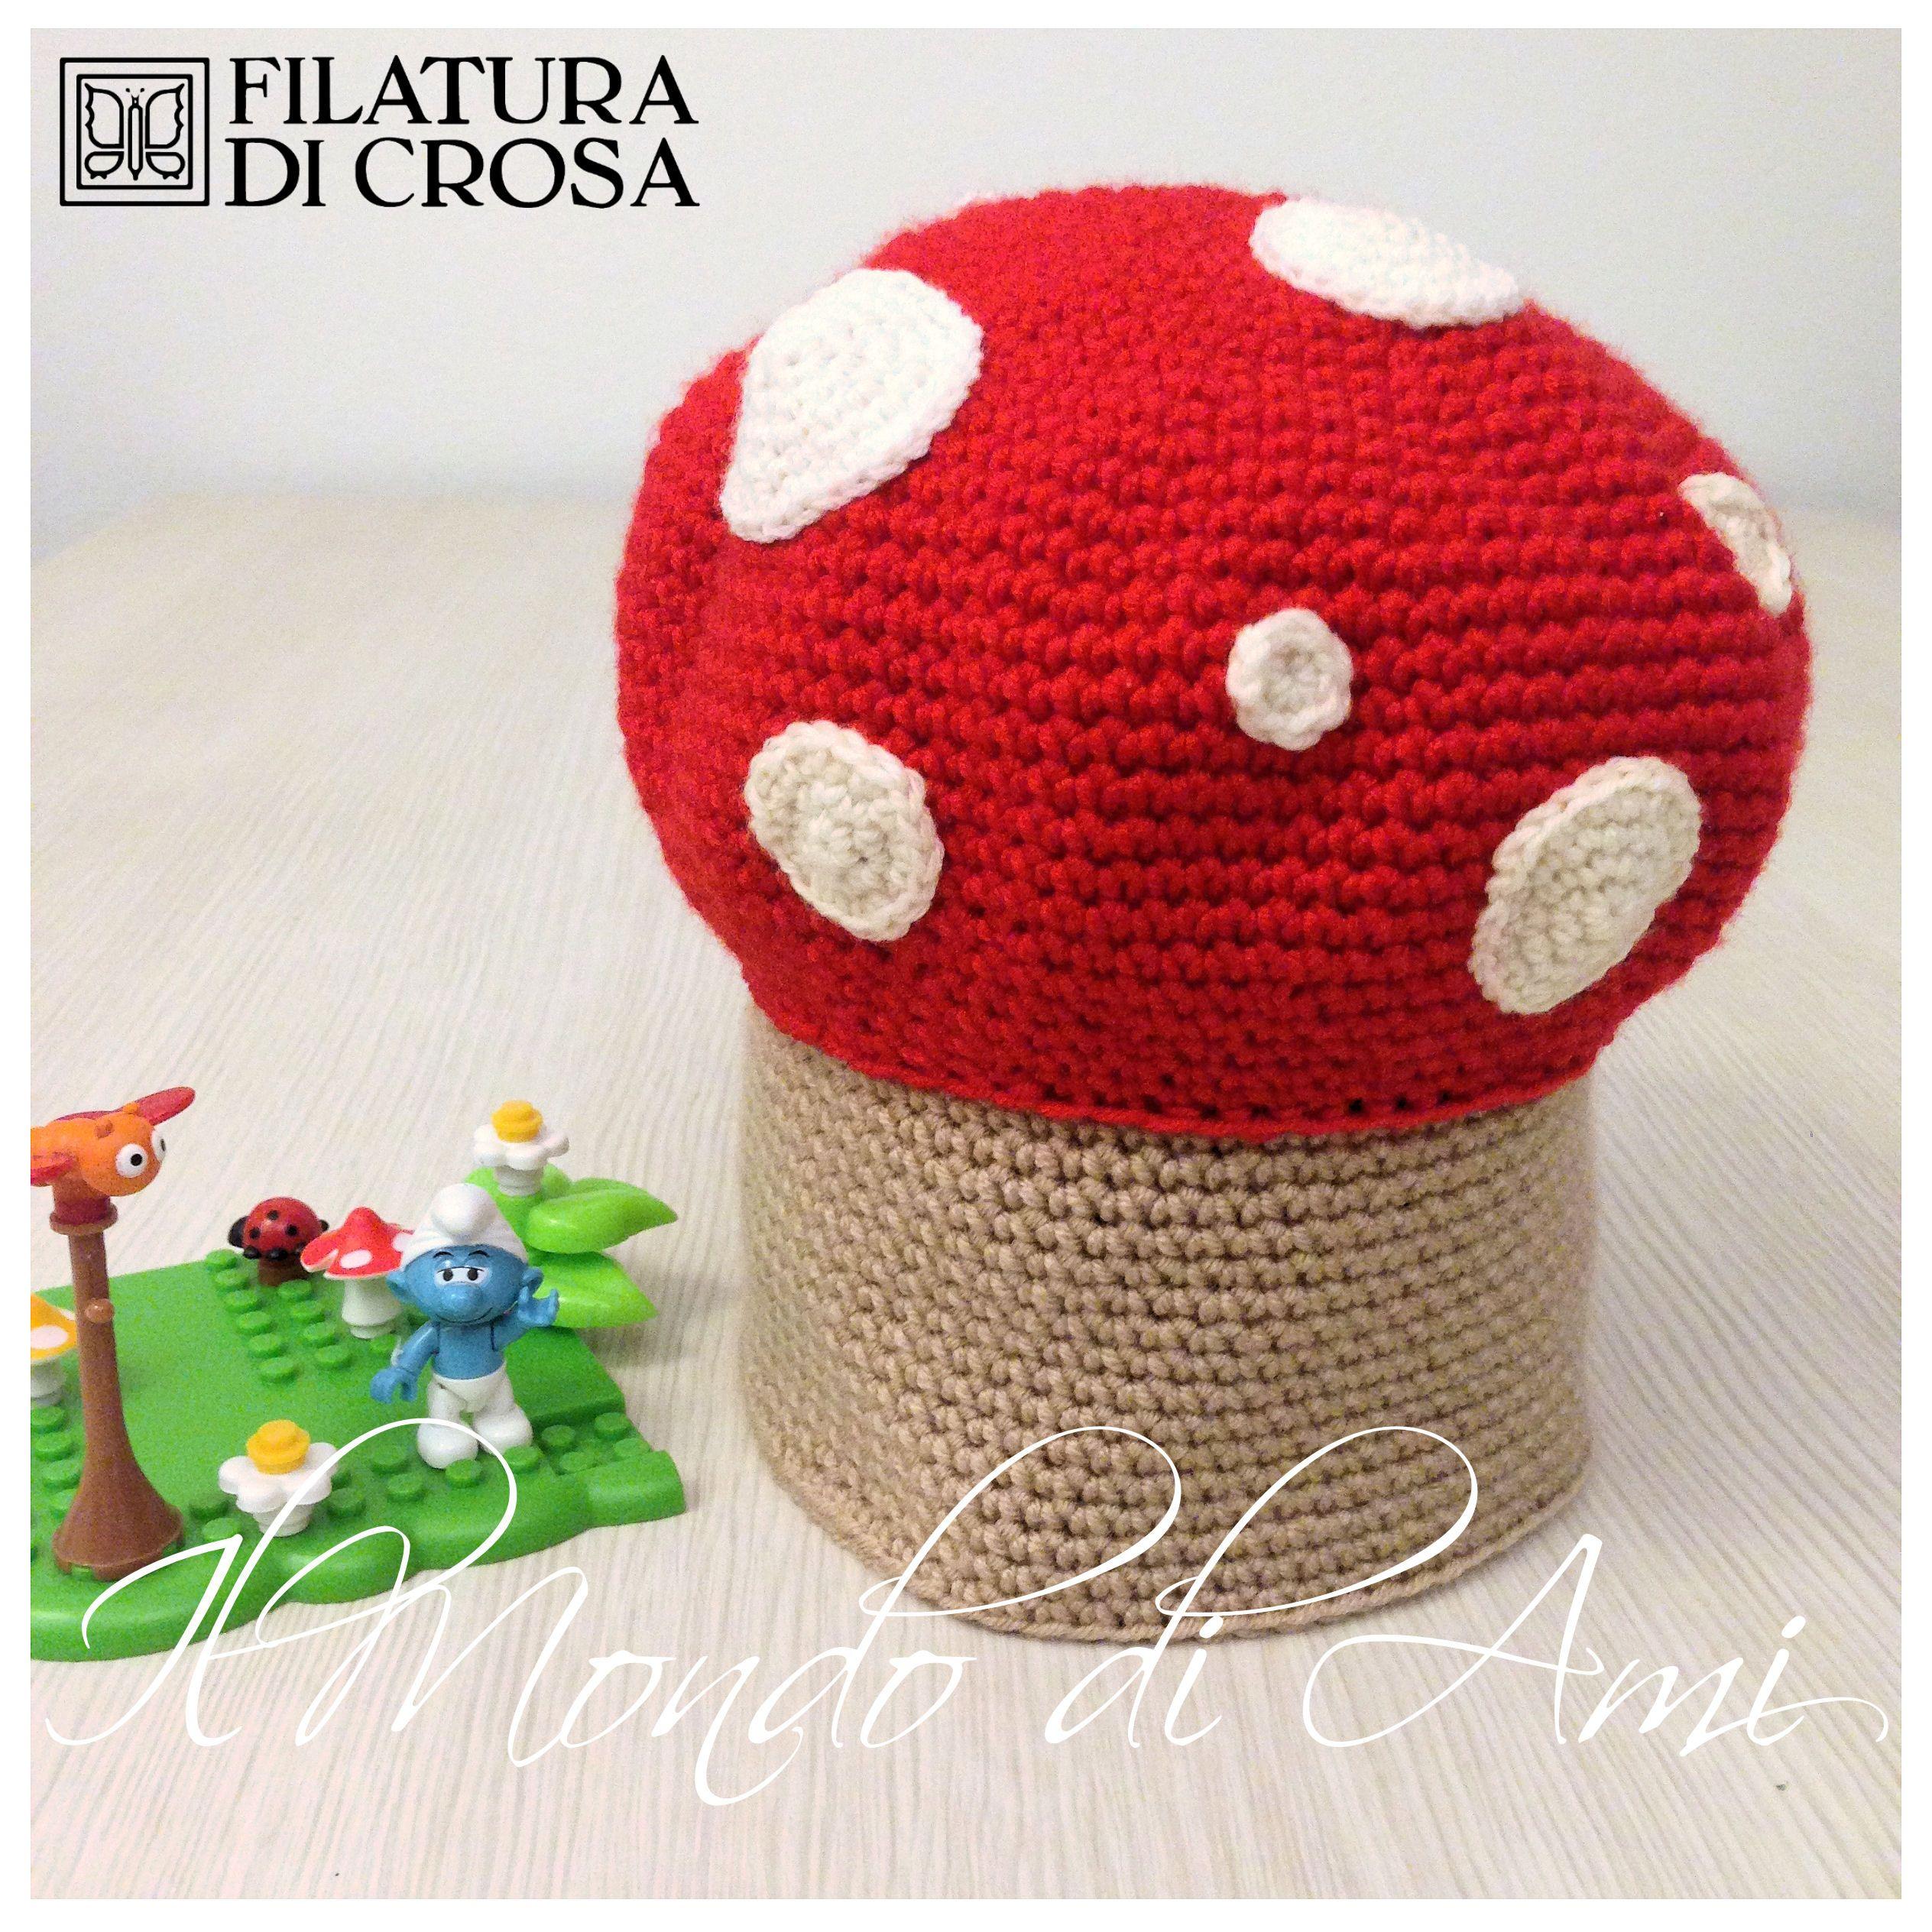 """Berretto funghetto #handmade #crochet realizzato con filato microfibra """"Excellent Baby"""" Filatura di Crosa"""